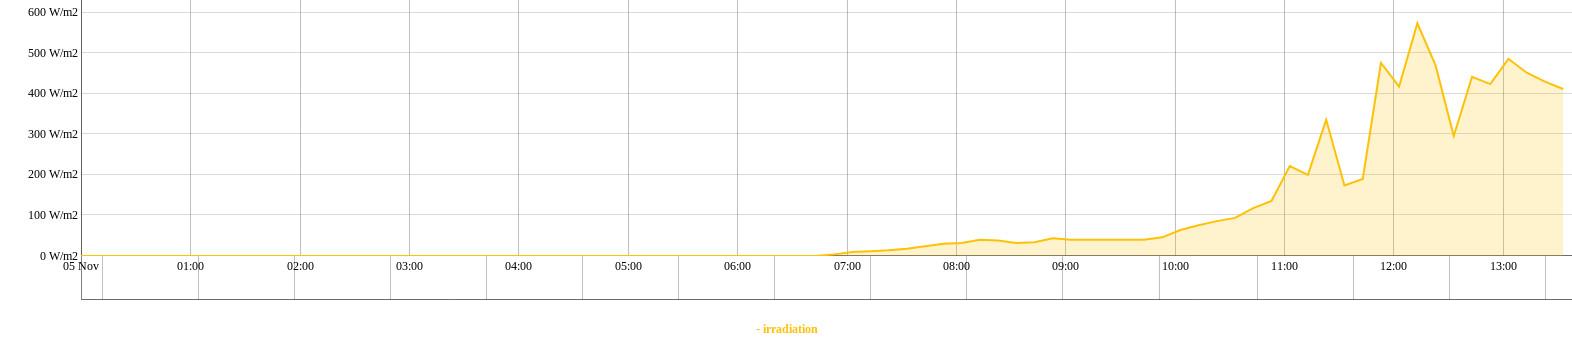 Nuovo schermo in arrivo - Cometeo f8110-graph.jpg